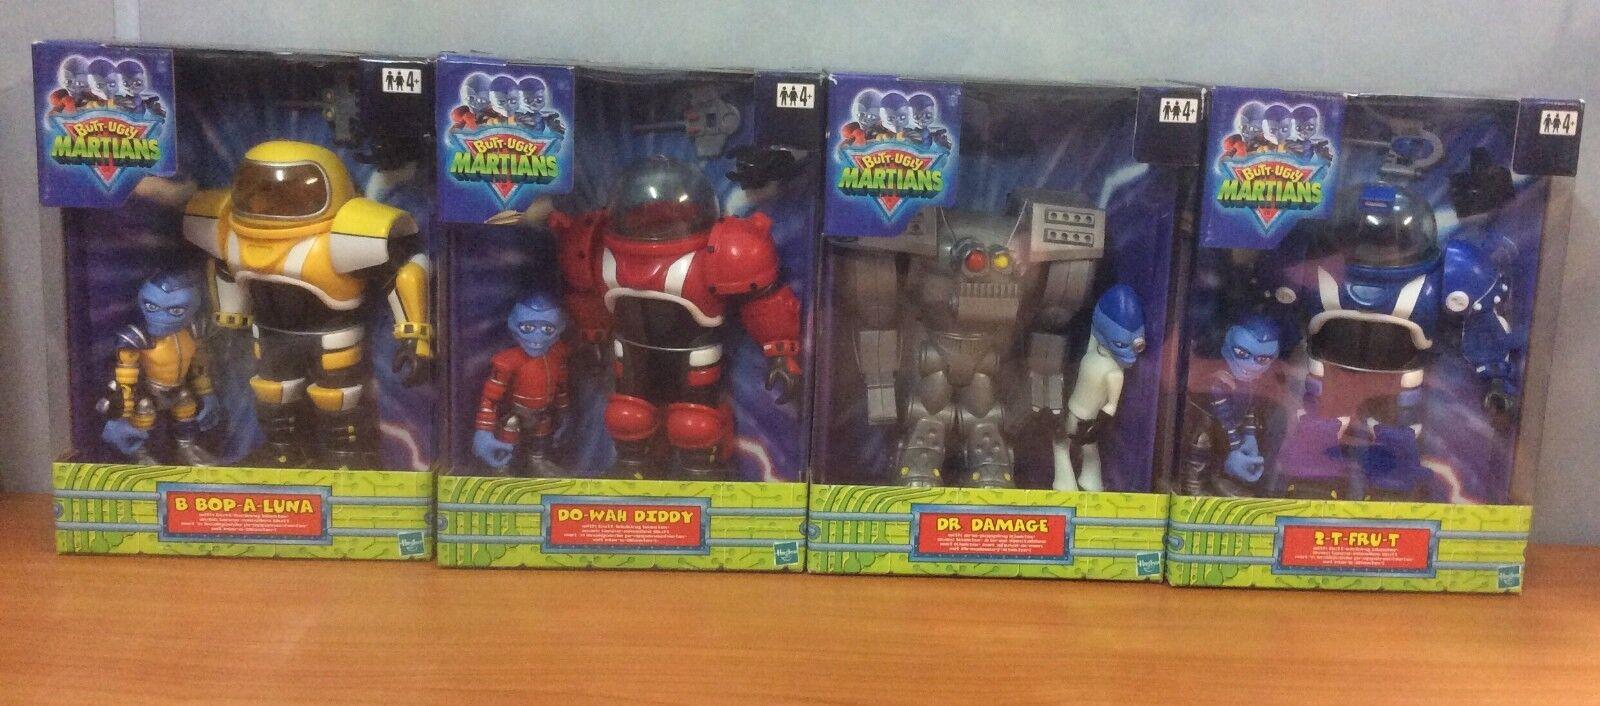 2001 Hasbro Butt-feo marcianos Set Completo De 4 Figuras De Acción-Nuevo Y En Caja